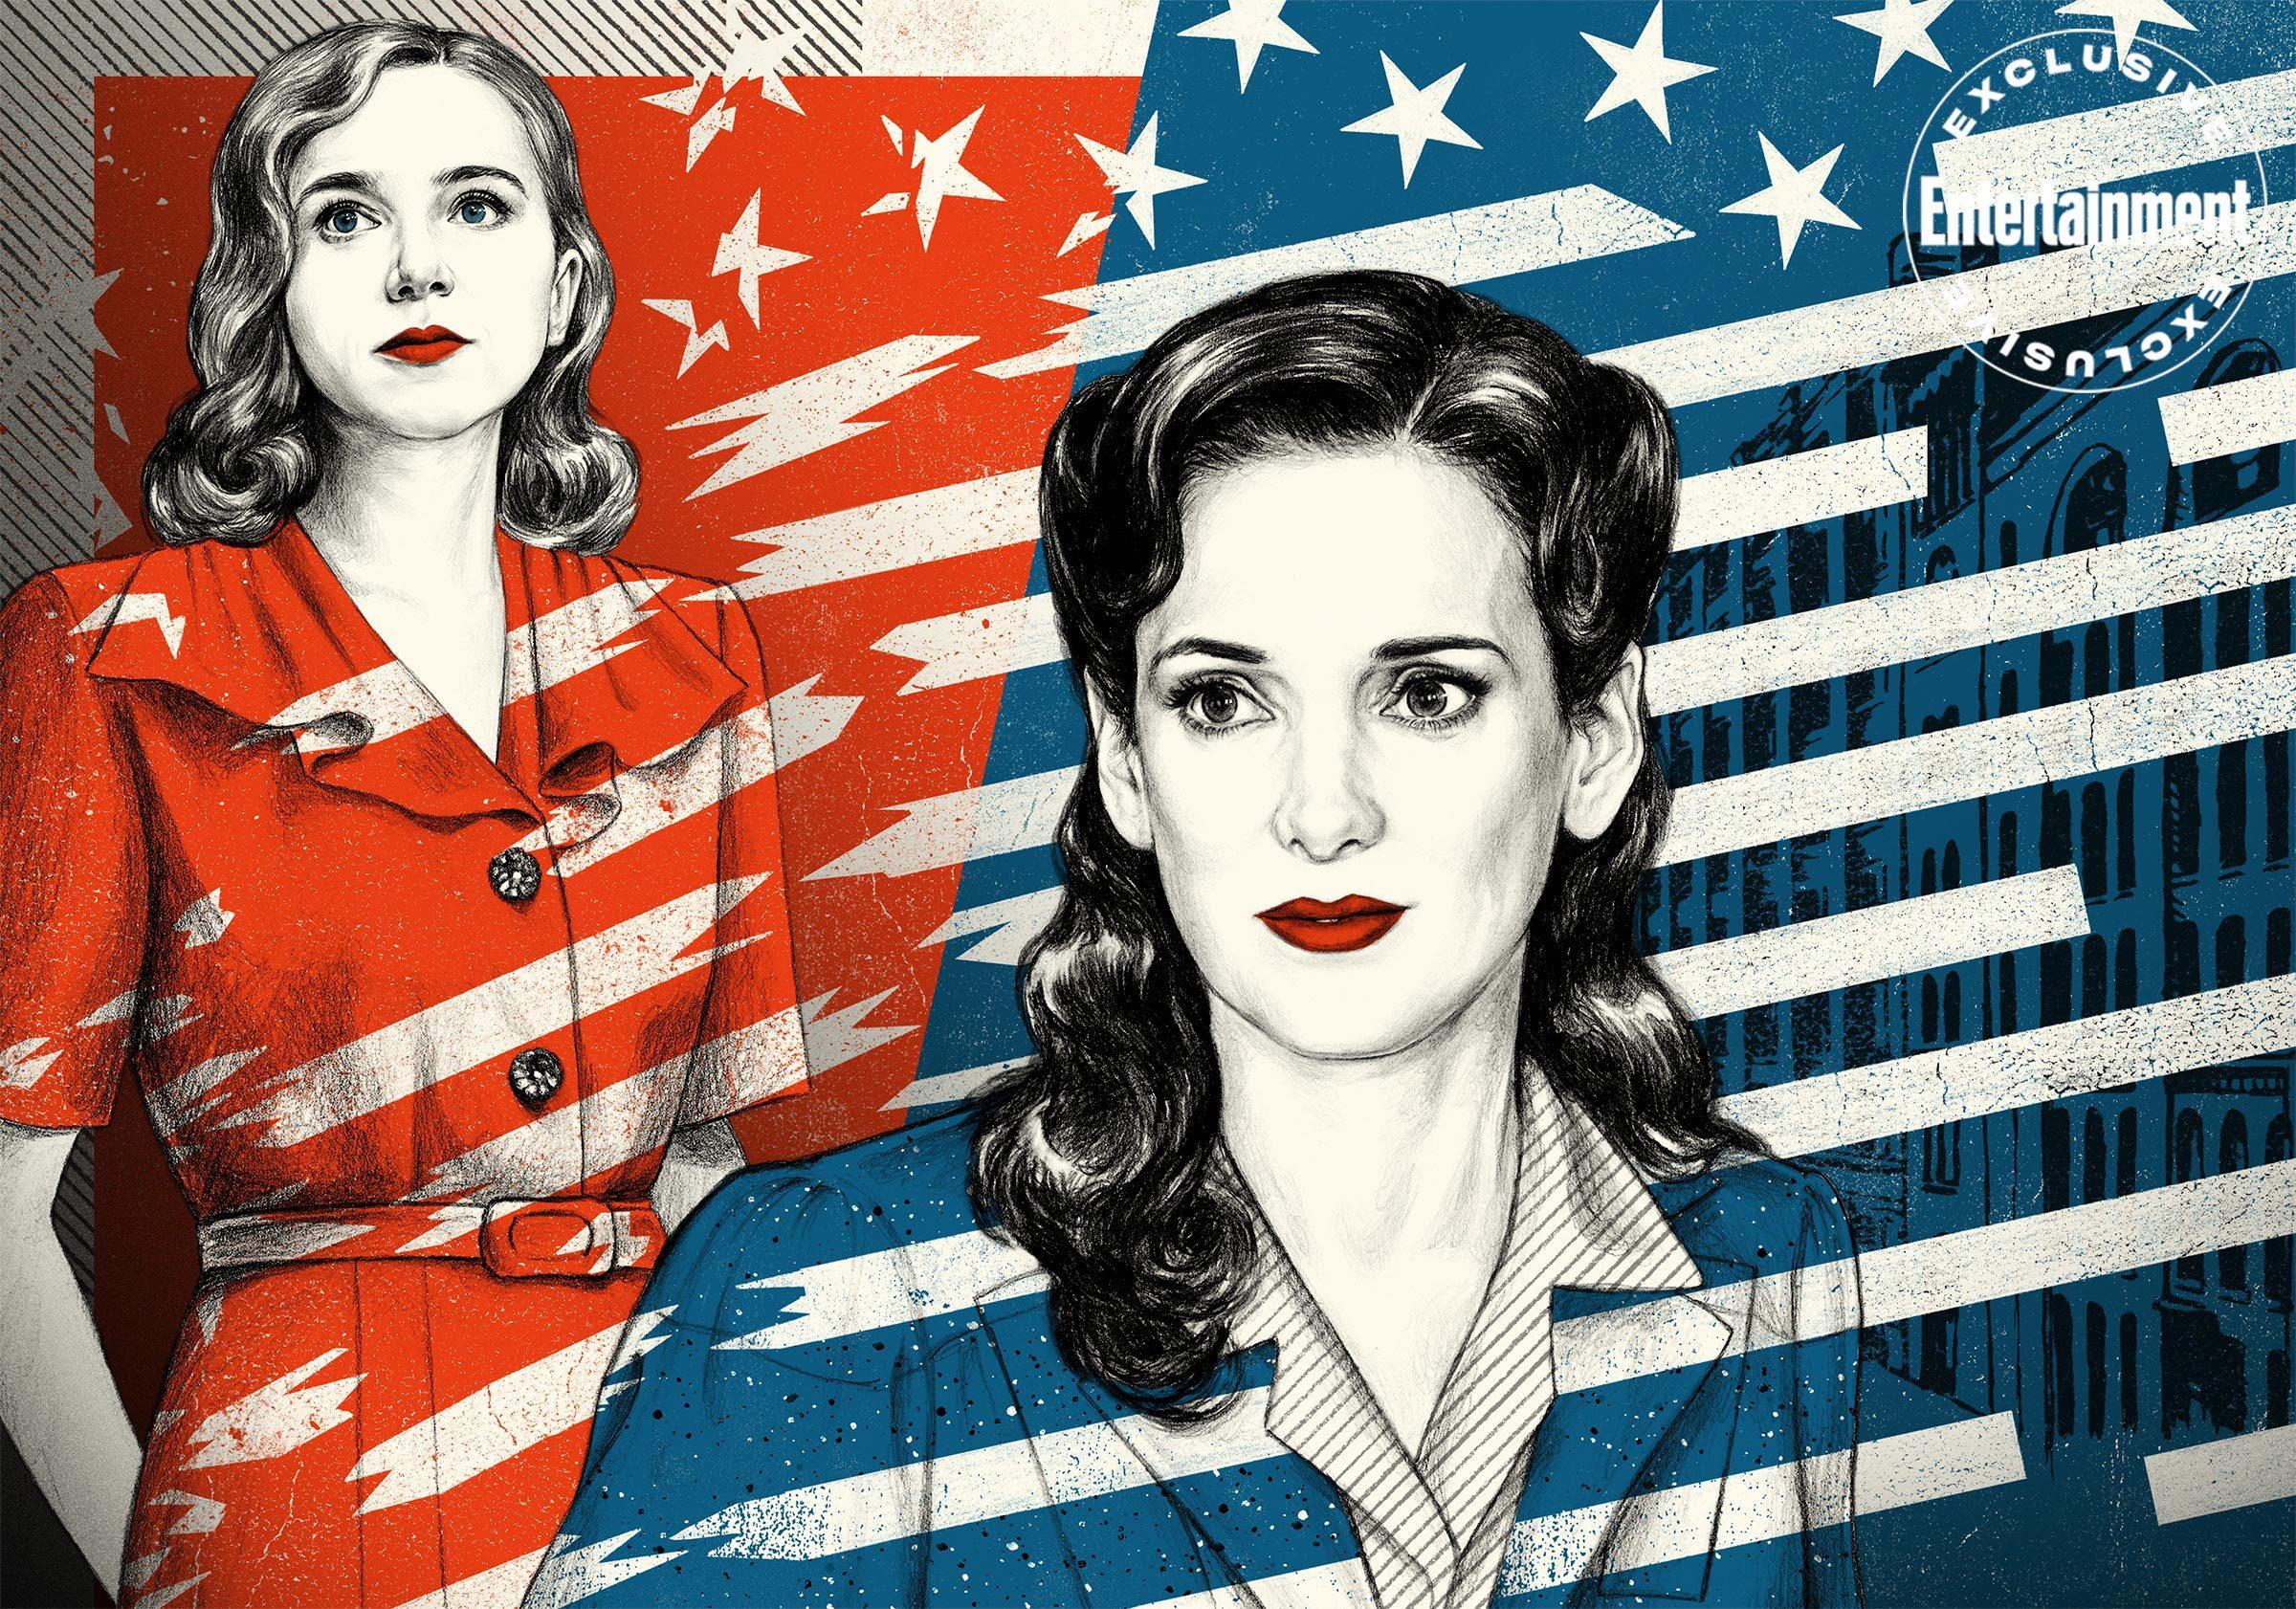 这6部HBO、Netflix新剧让人期待,女神妮可·基德曼和男神休·格兰特强强合作《无所作为》插图(2)